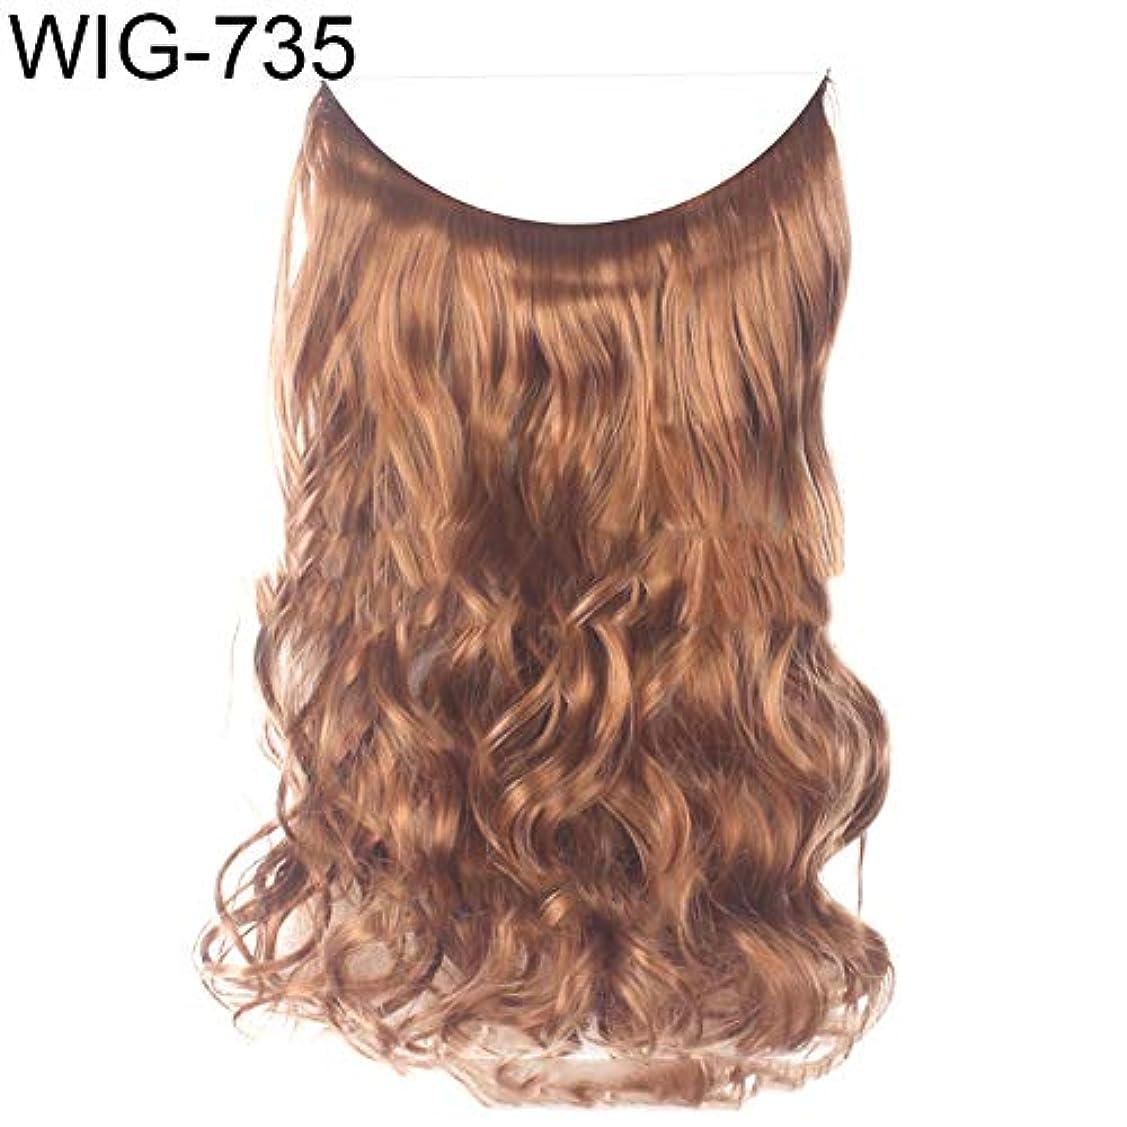 してはいけません居心地の良い低いslQinjiansav女性ウィッグ修理ツール女性高温繊維長いストレートカーリーウィッグヘアエクステンションヘアピース